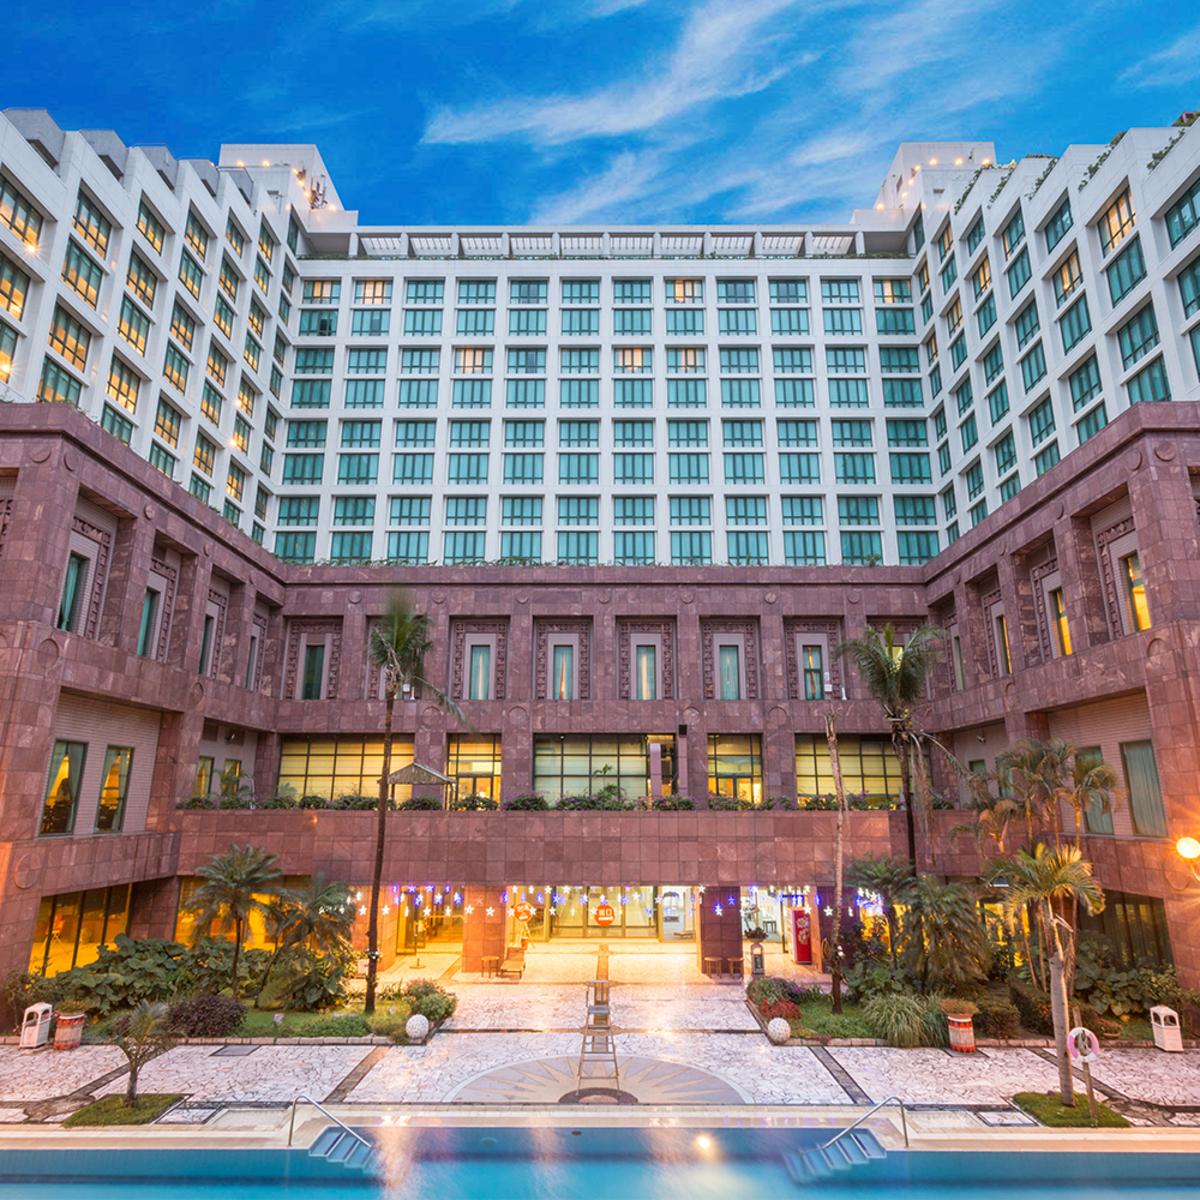 台東娜路彎大酒店豪華雙人房平日三天兩夜住宿專案